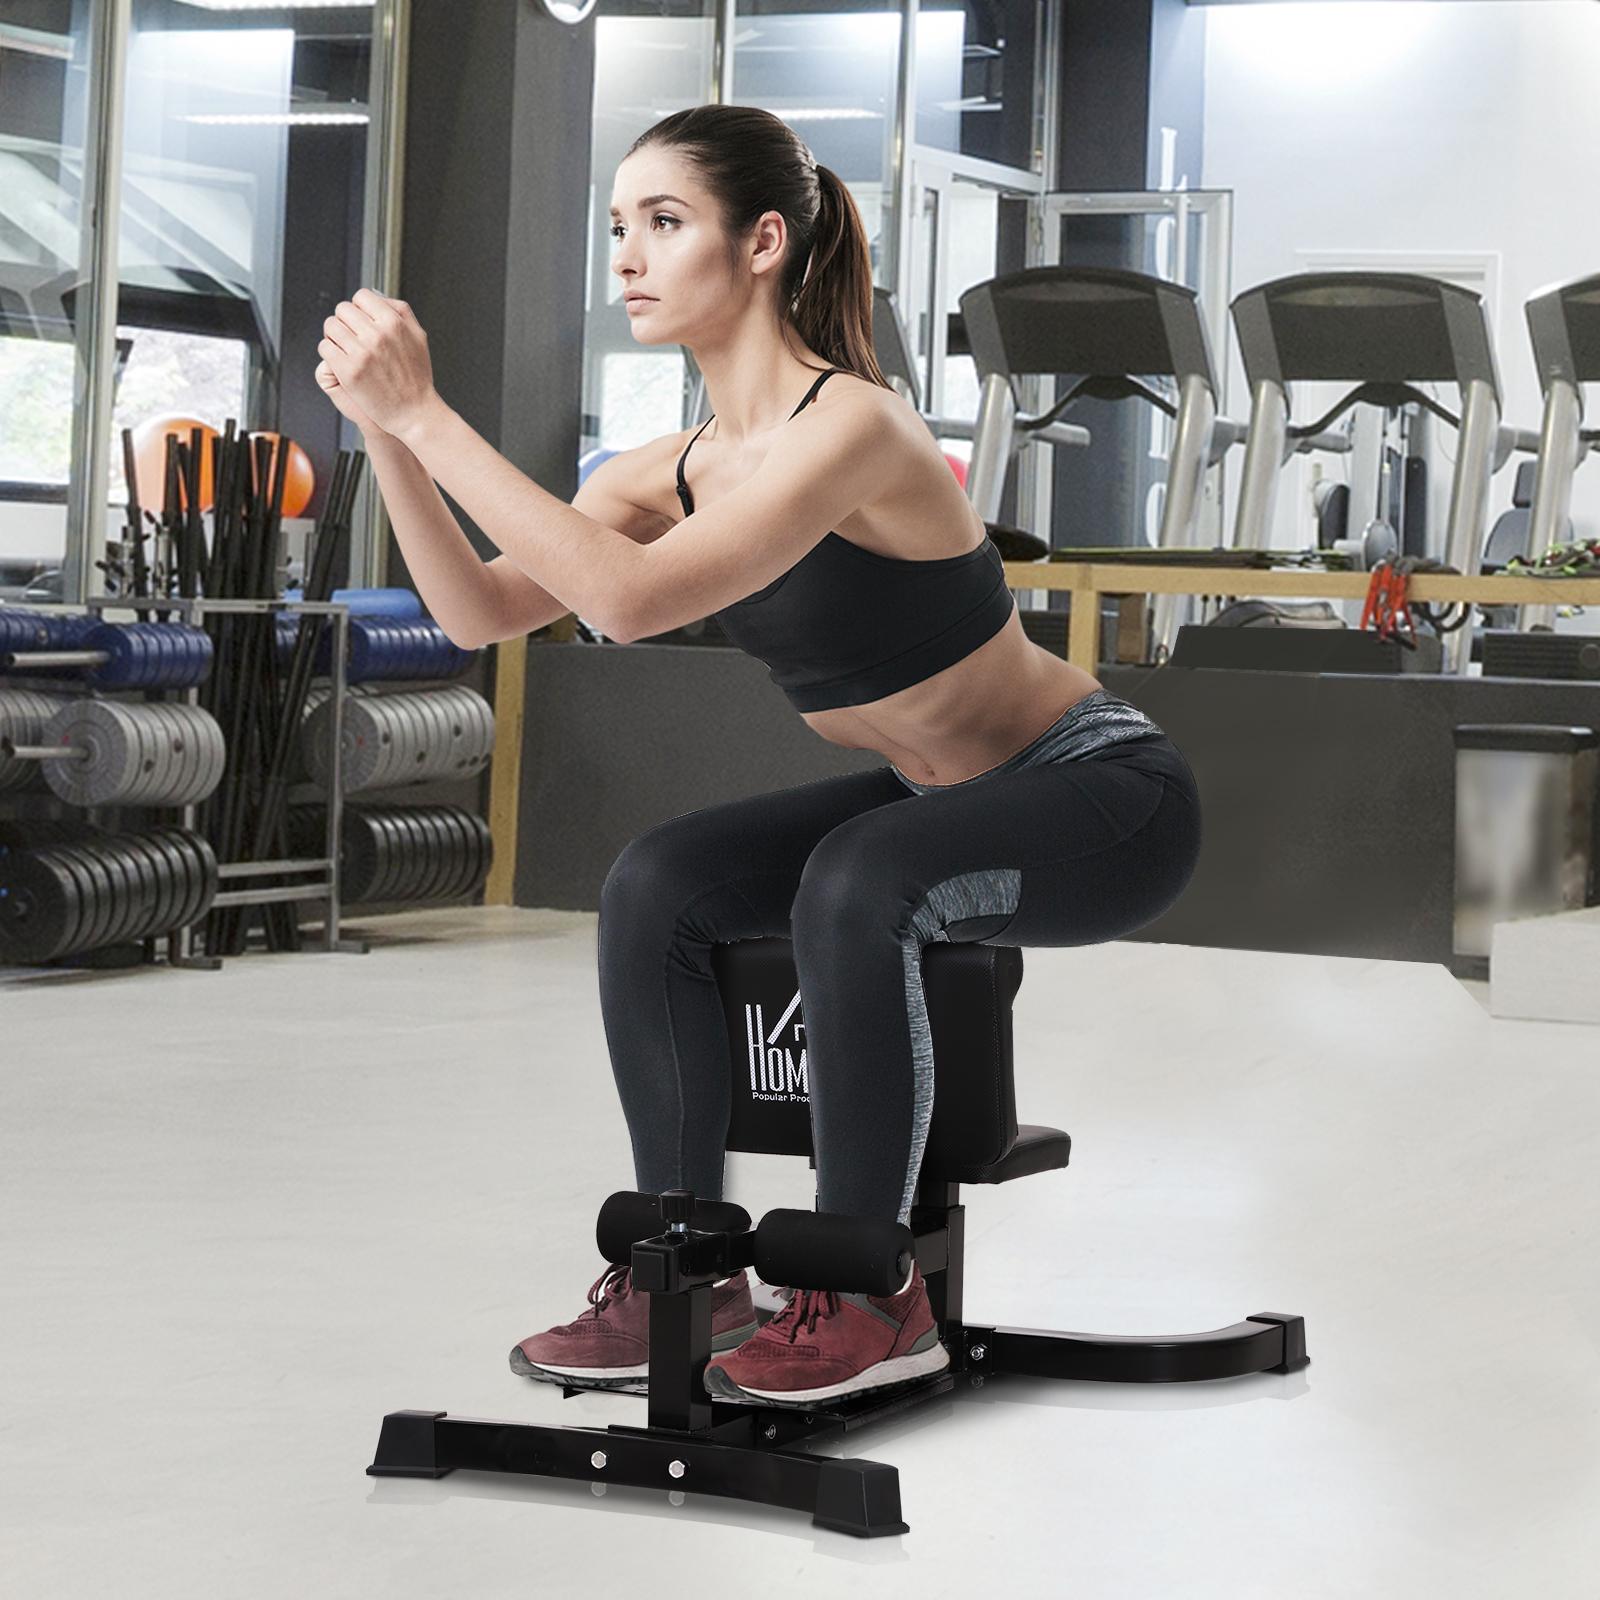 Macchina squat a corpo libero homcom acciaio 50x97x45,5-57,5cm - home gym ITA91-0690631